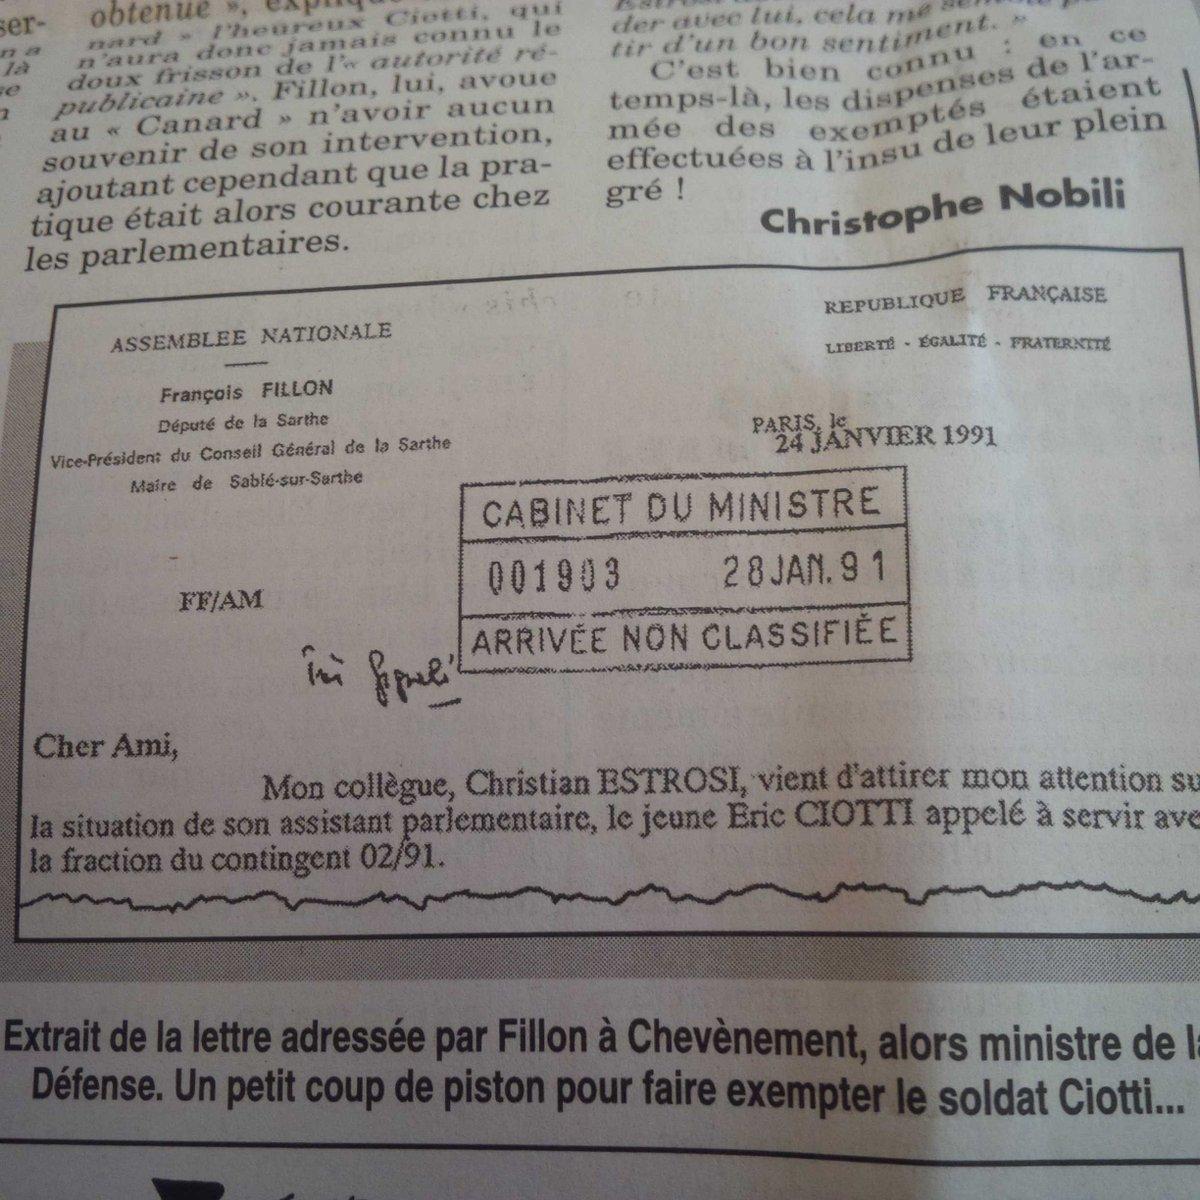 Fillon demande exemption de service militaire pour Ciotti